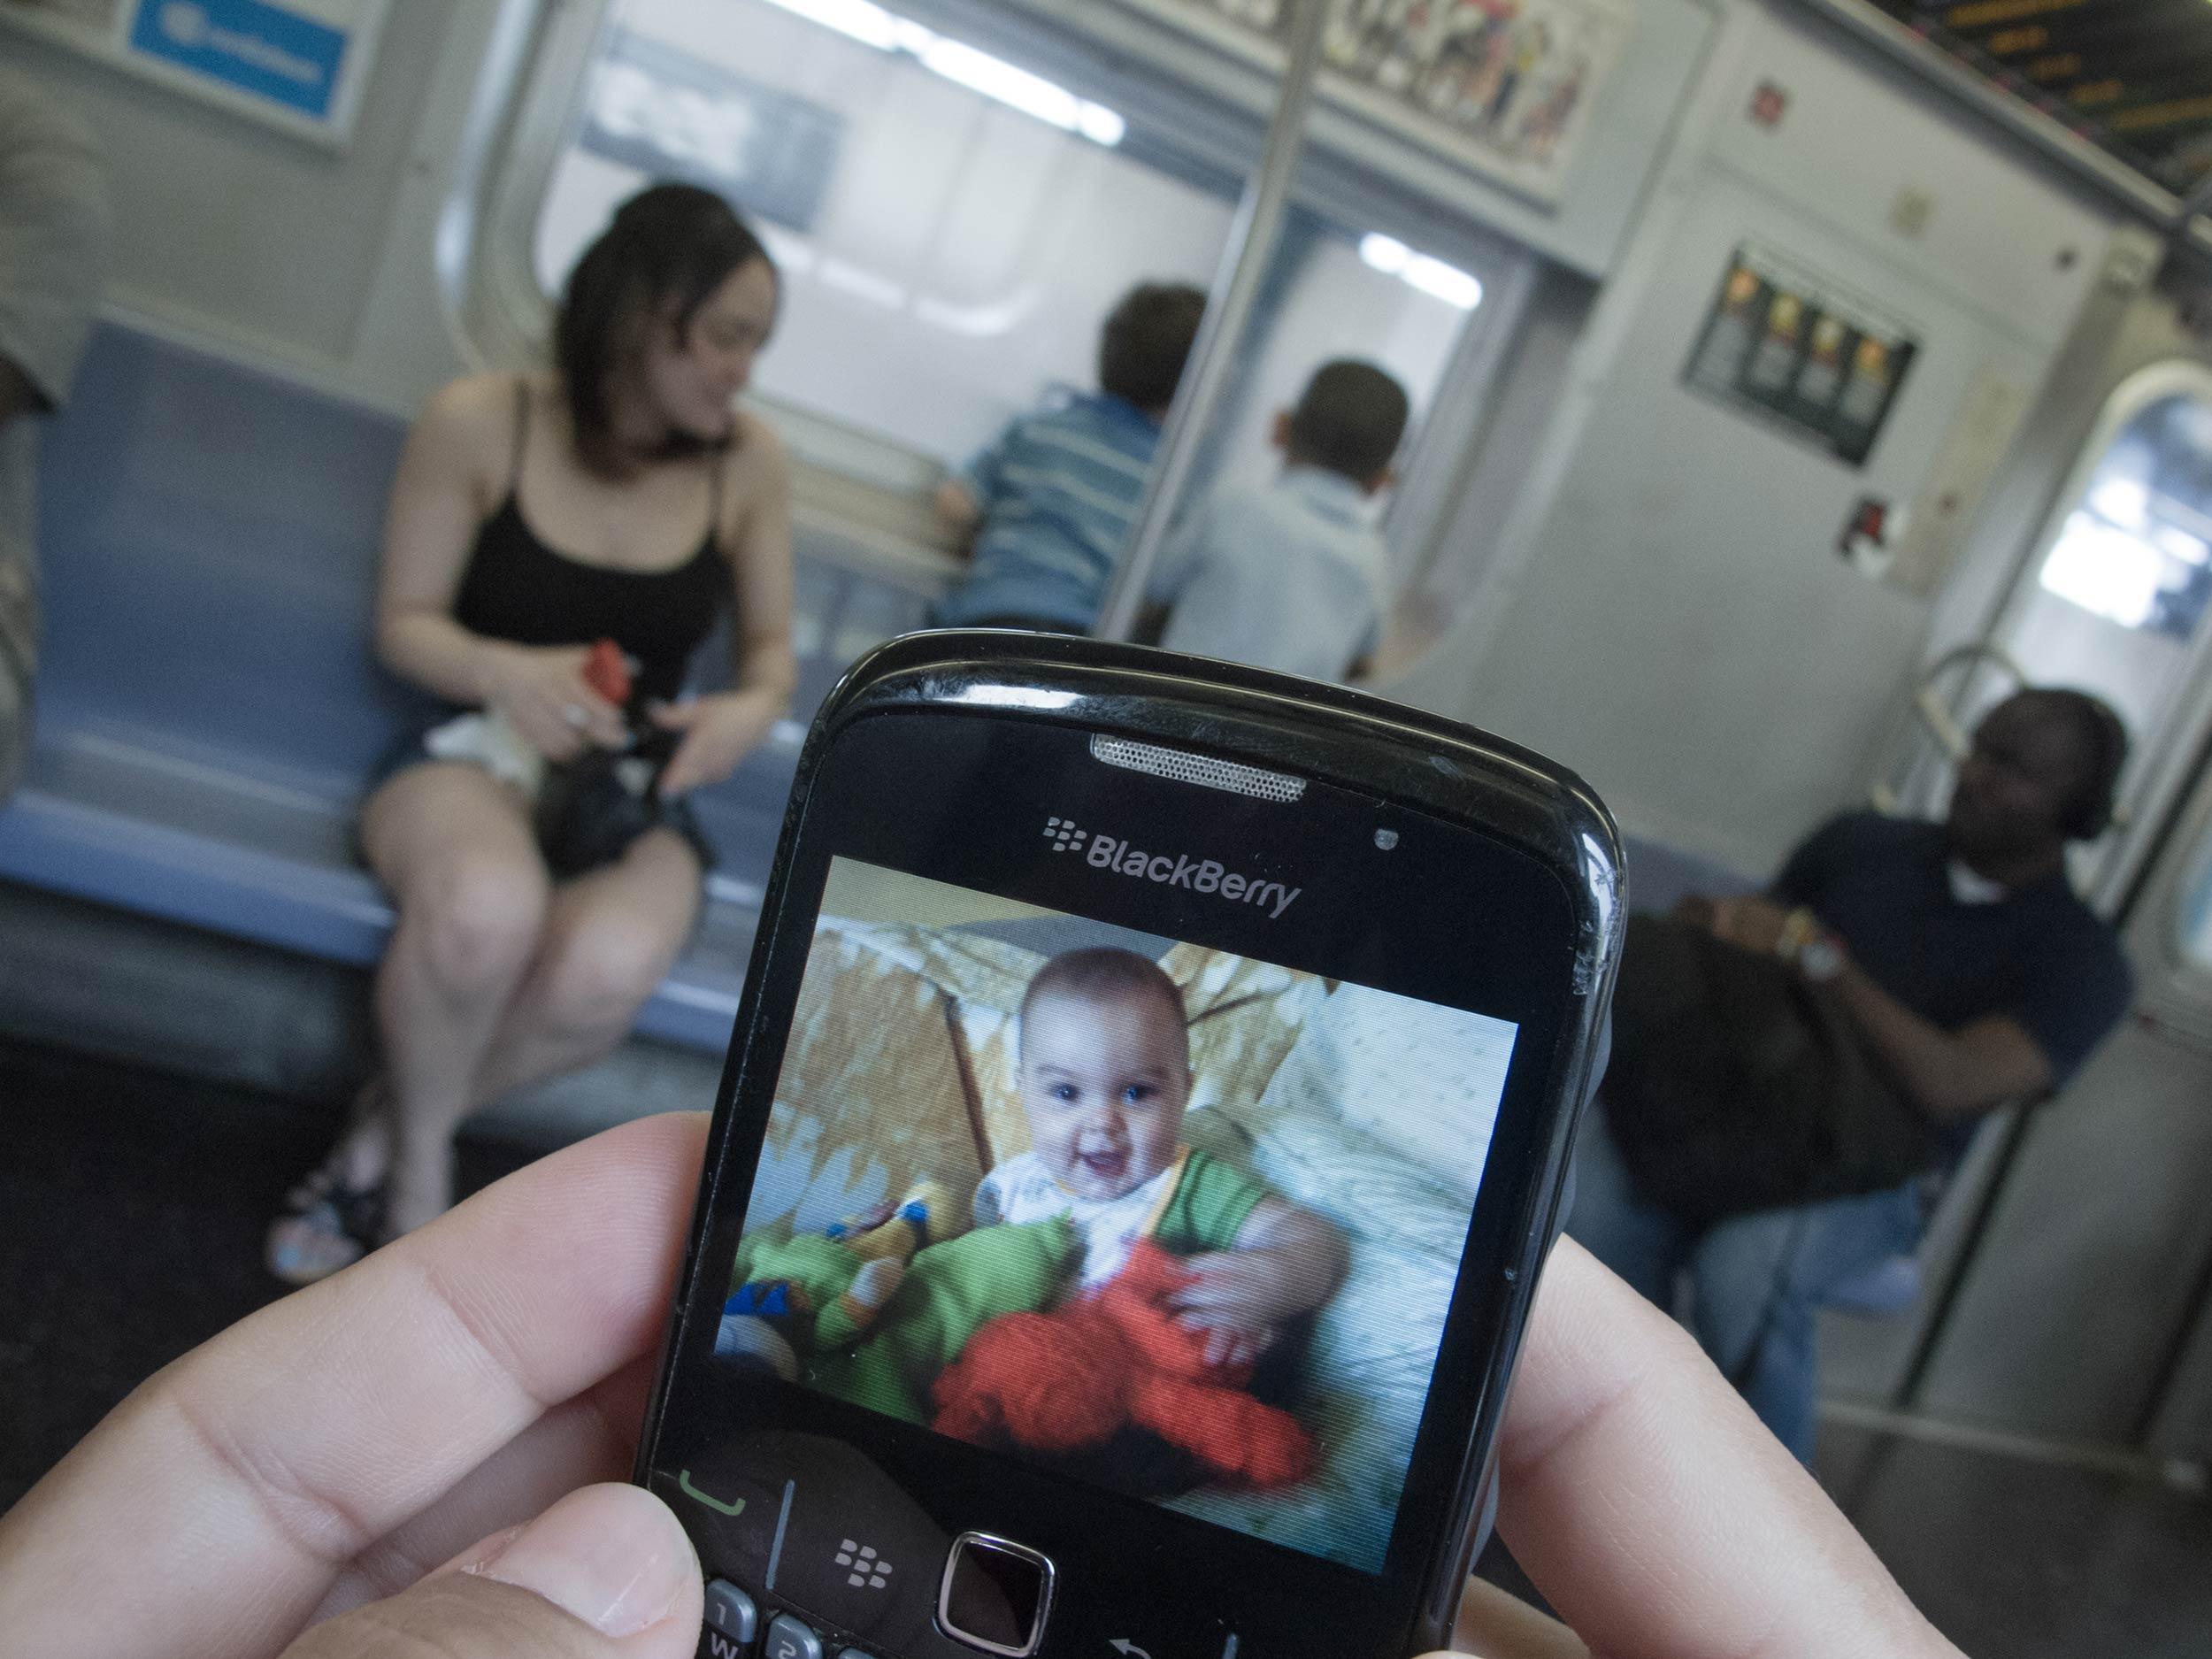 showing-slideshow-subway-sylvia-plachy.jpg